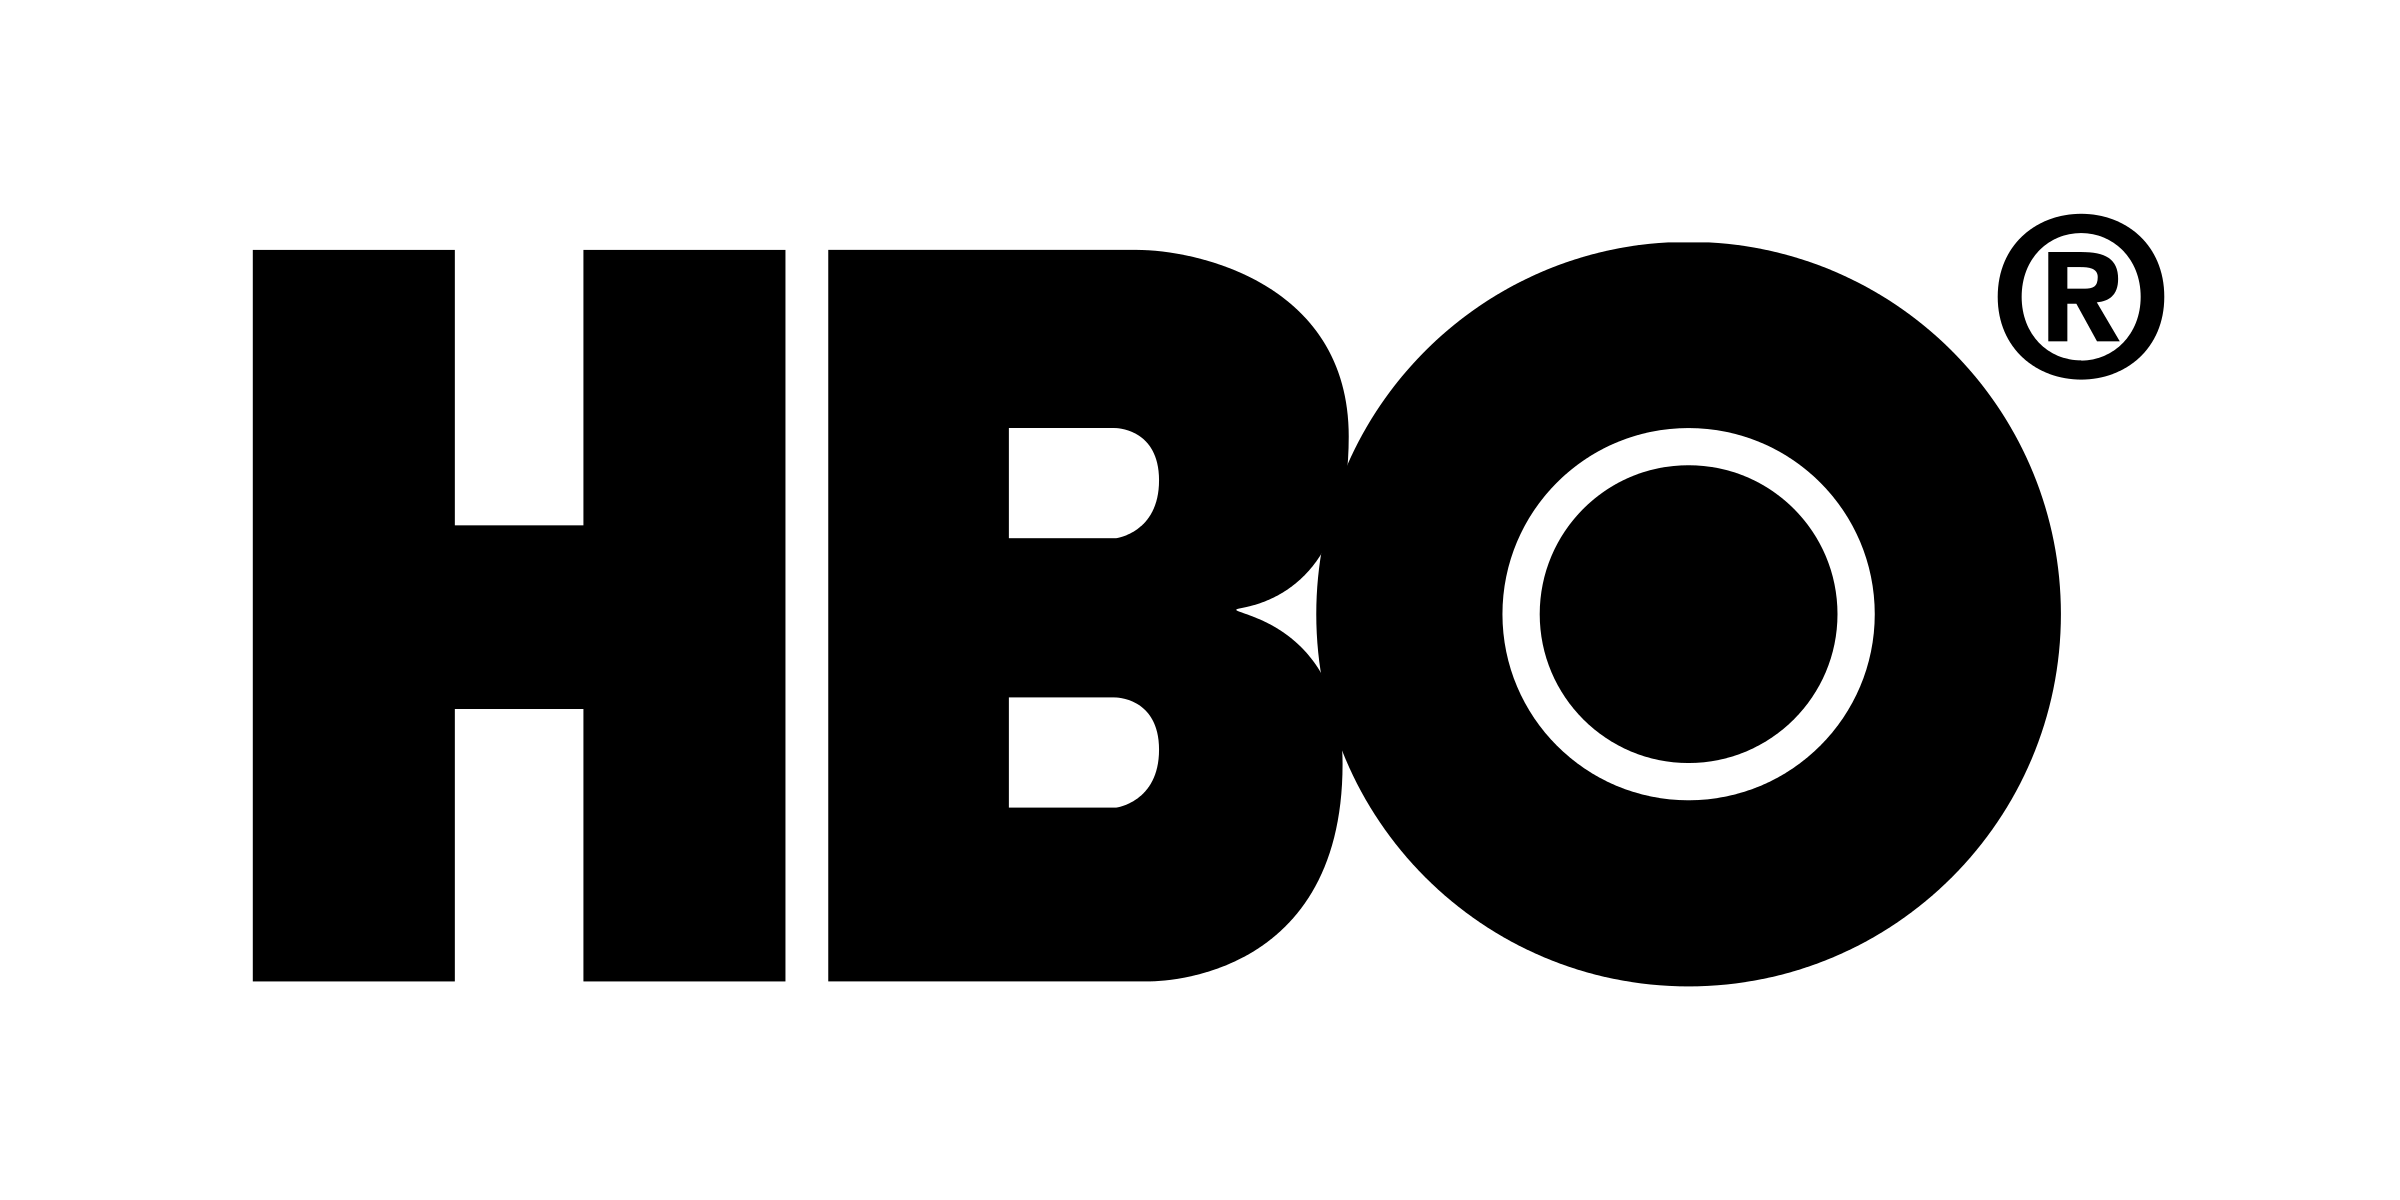 HBOGO: Best VPN Routers & VPN Services for HBO